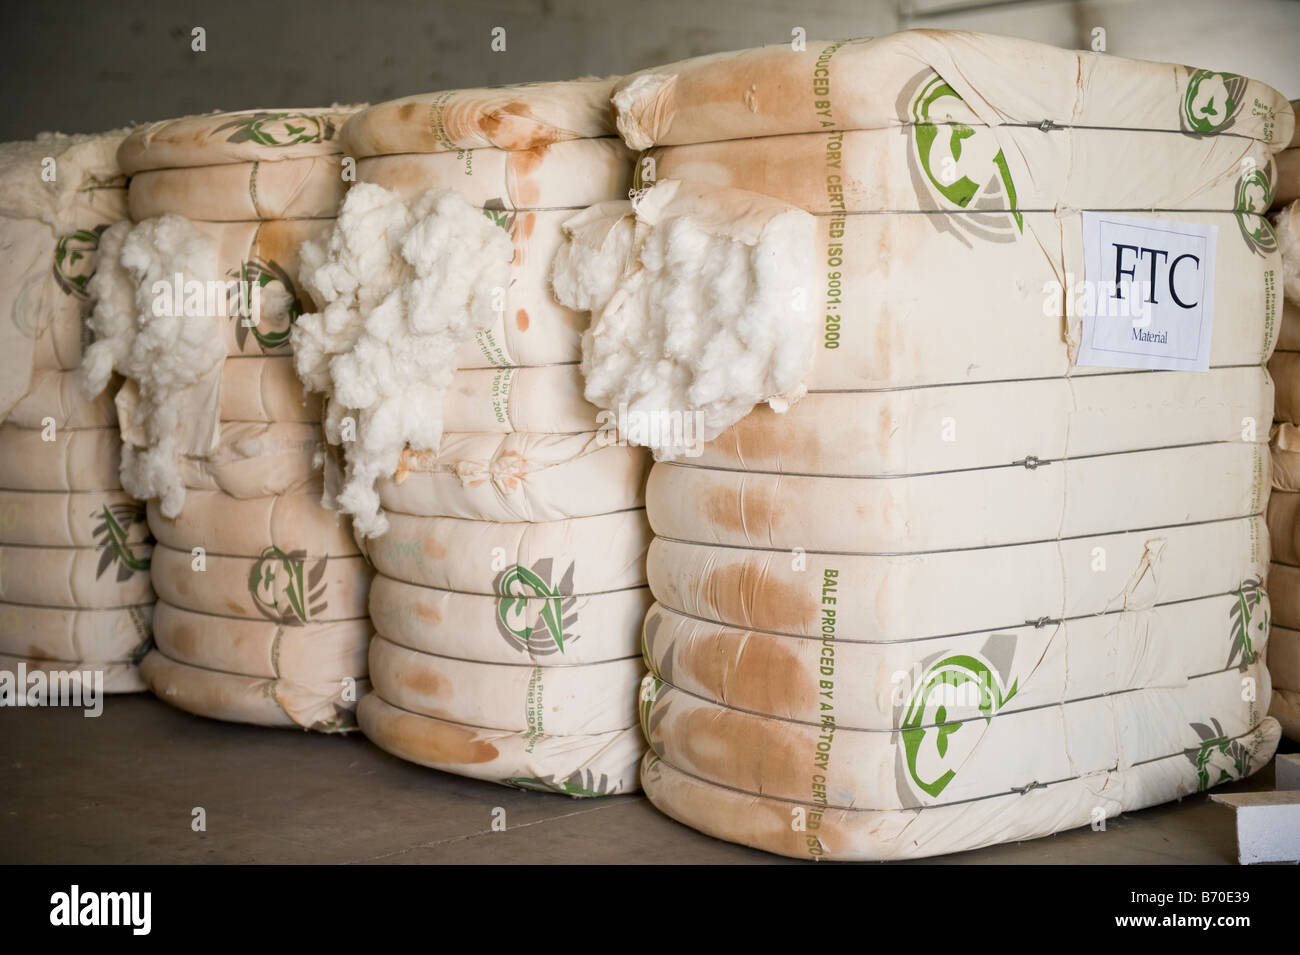 Indien Indore, Spinnerei produzieren Garn aus Fairtrade-Baumwolle, Ballen mit FTC-Fair-Trade-Baumwolle-label Stockbild